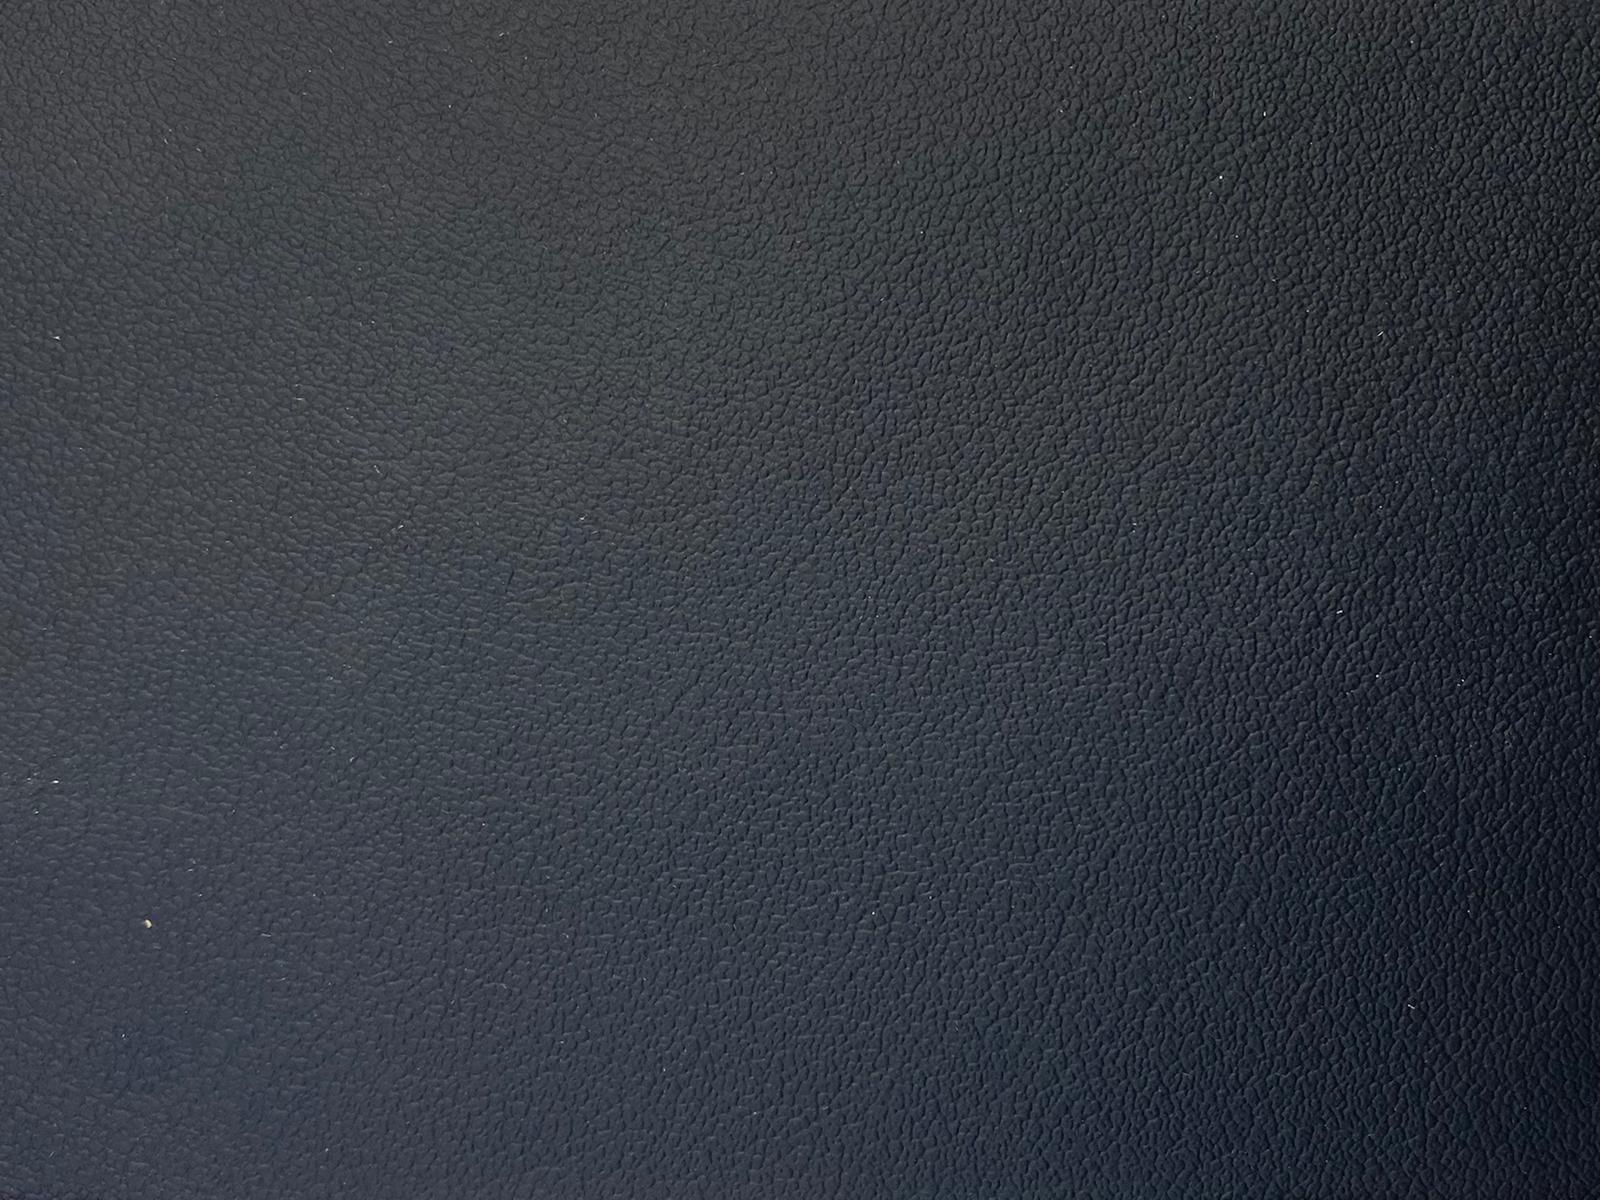 tapiterie texturata julia